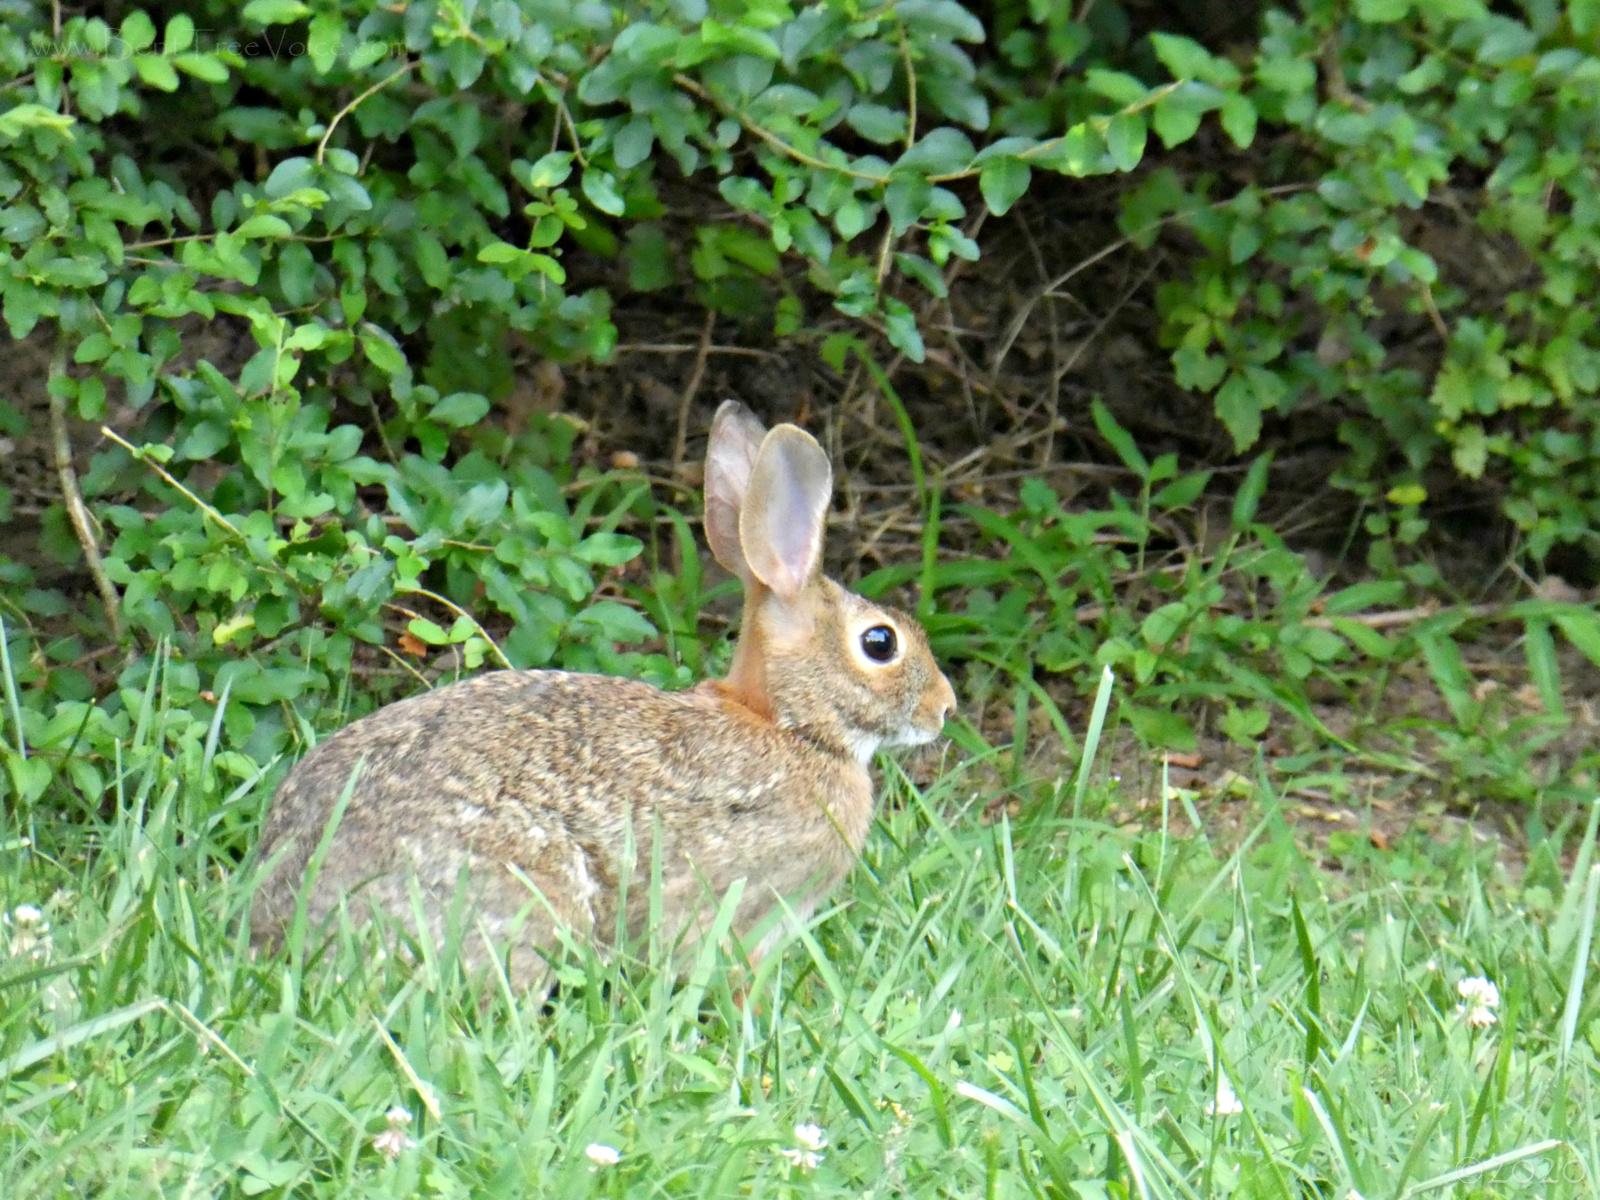 July 24, 2020 - Rabbit in Bent Tree